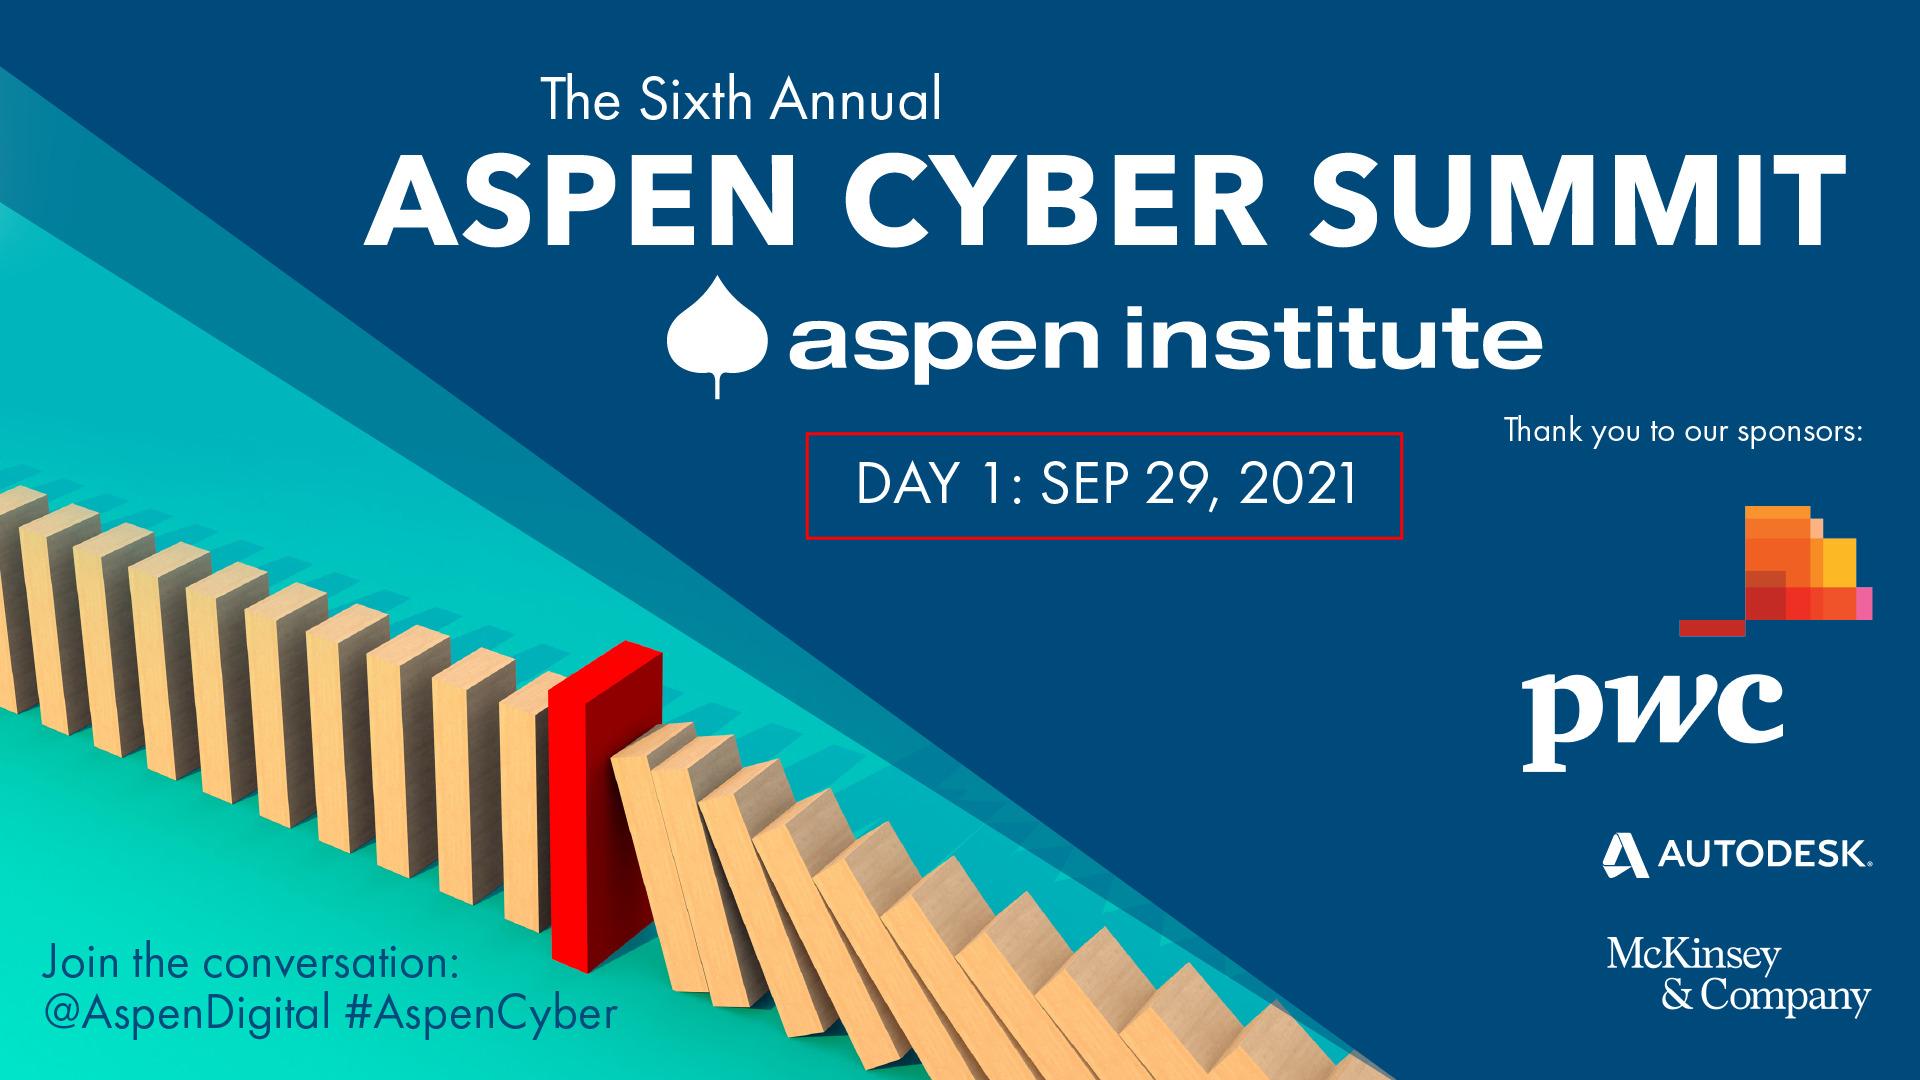 2021 Aspen Cyber Summit - Day 1